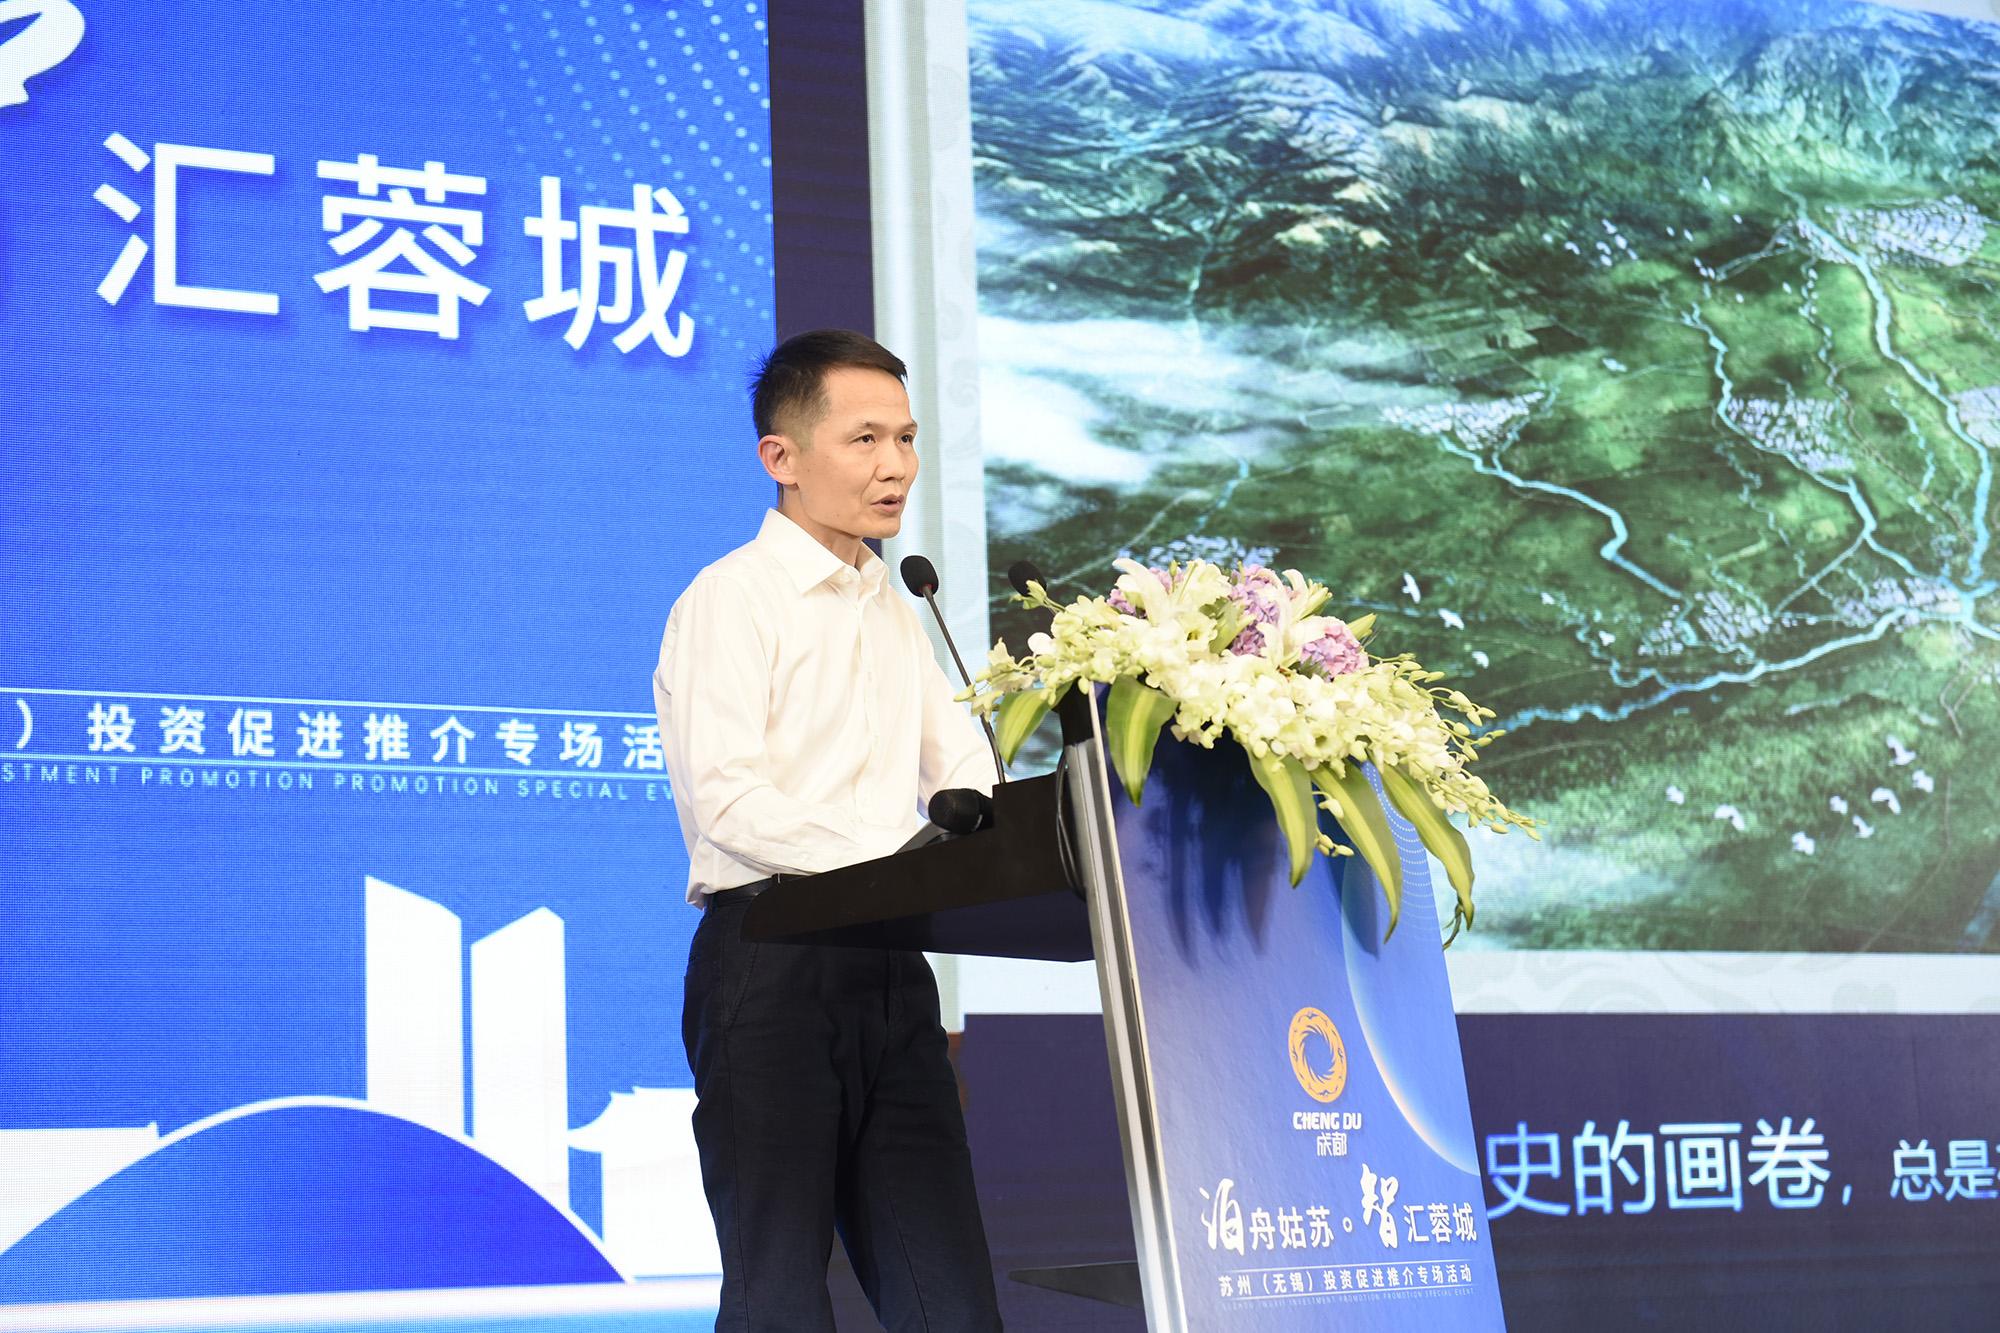 金鸡湖畔谋发展 蓉苏牵手推动跨区域协同合作